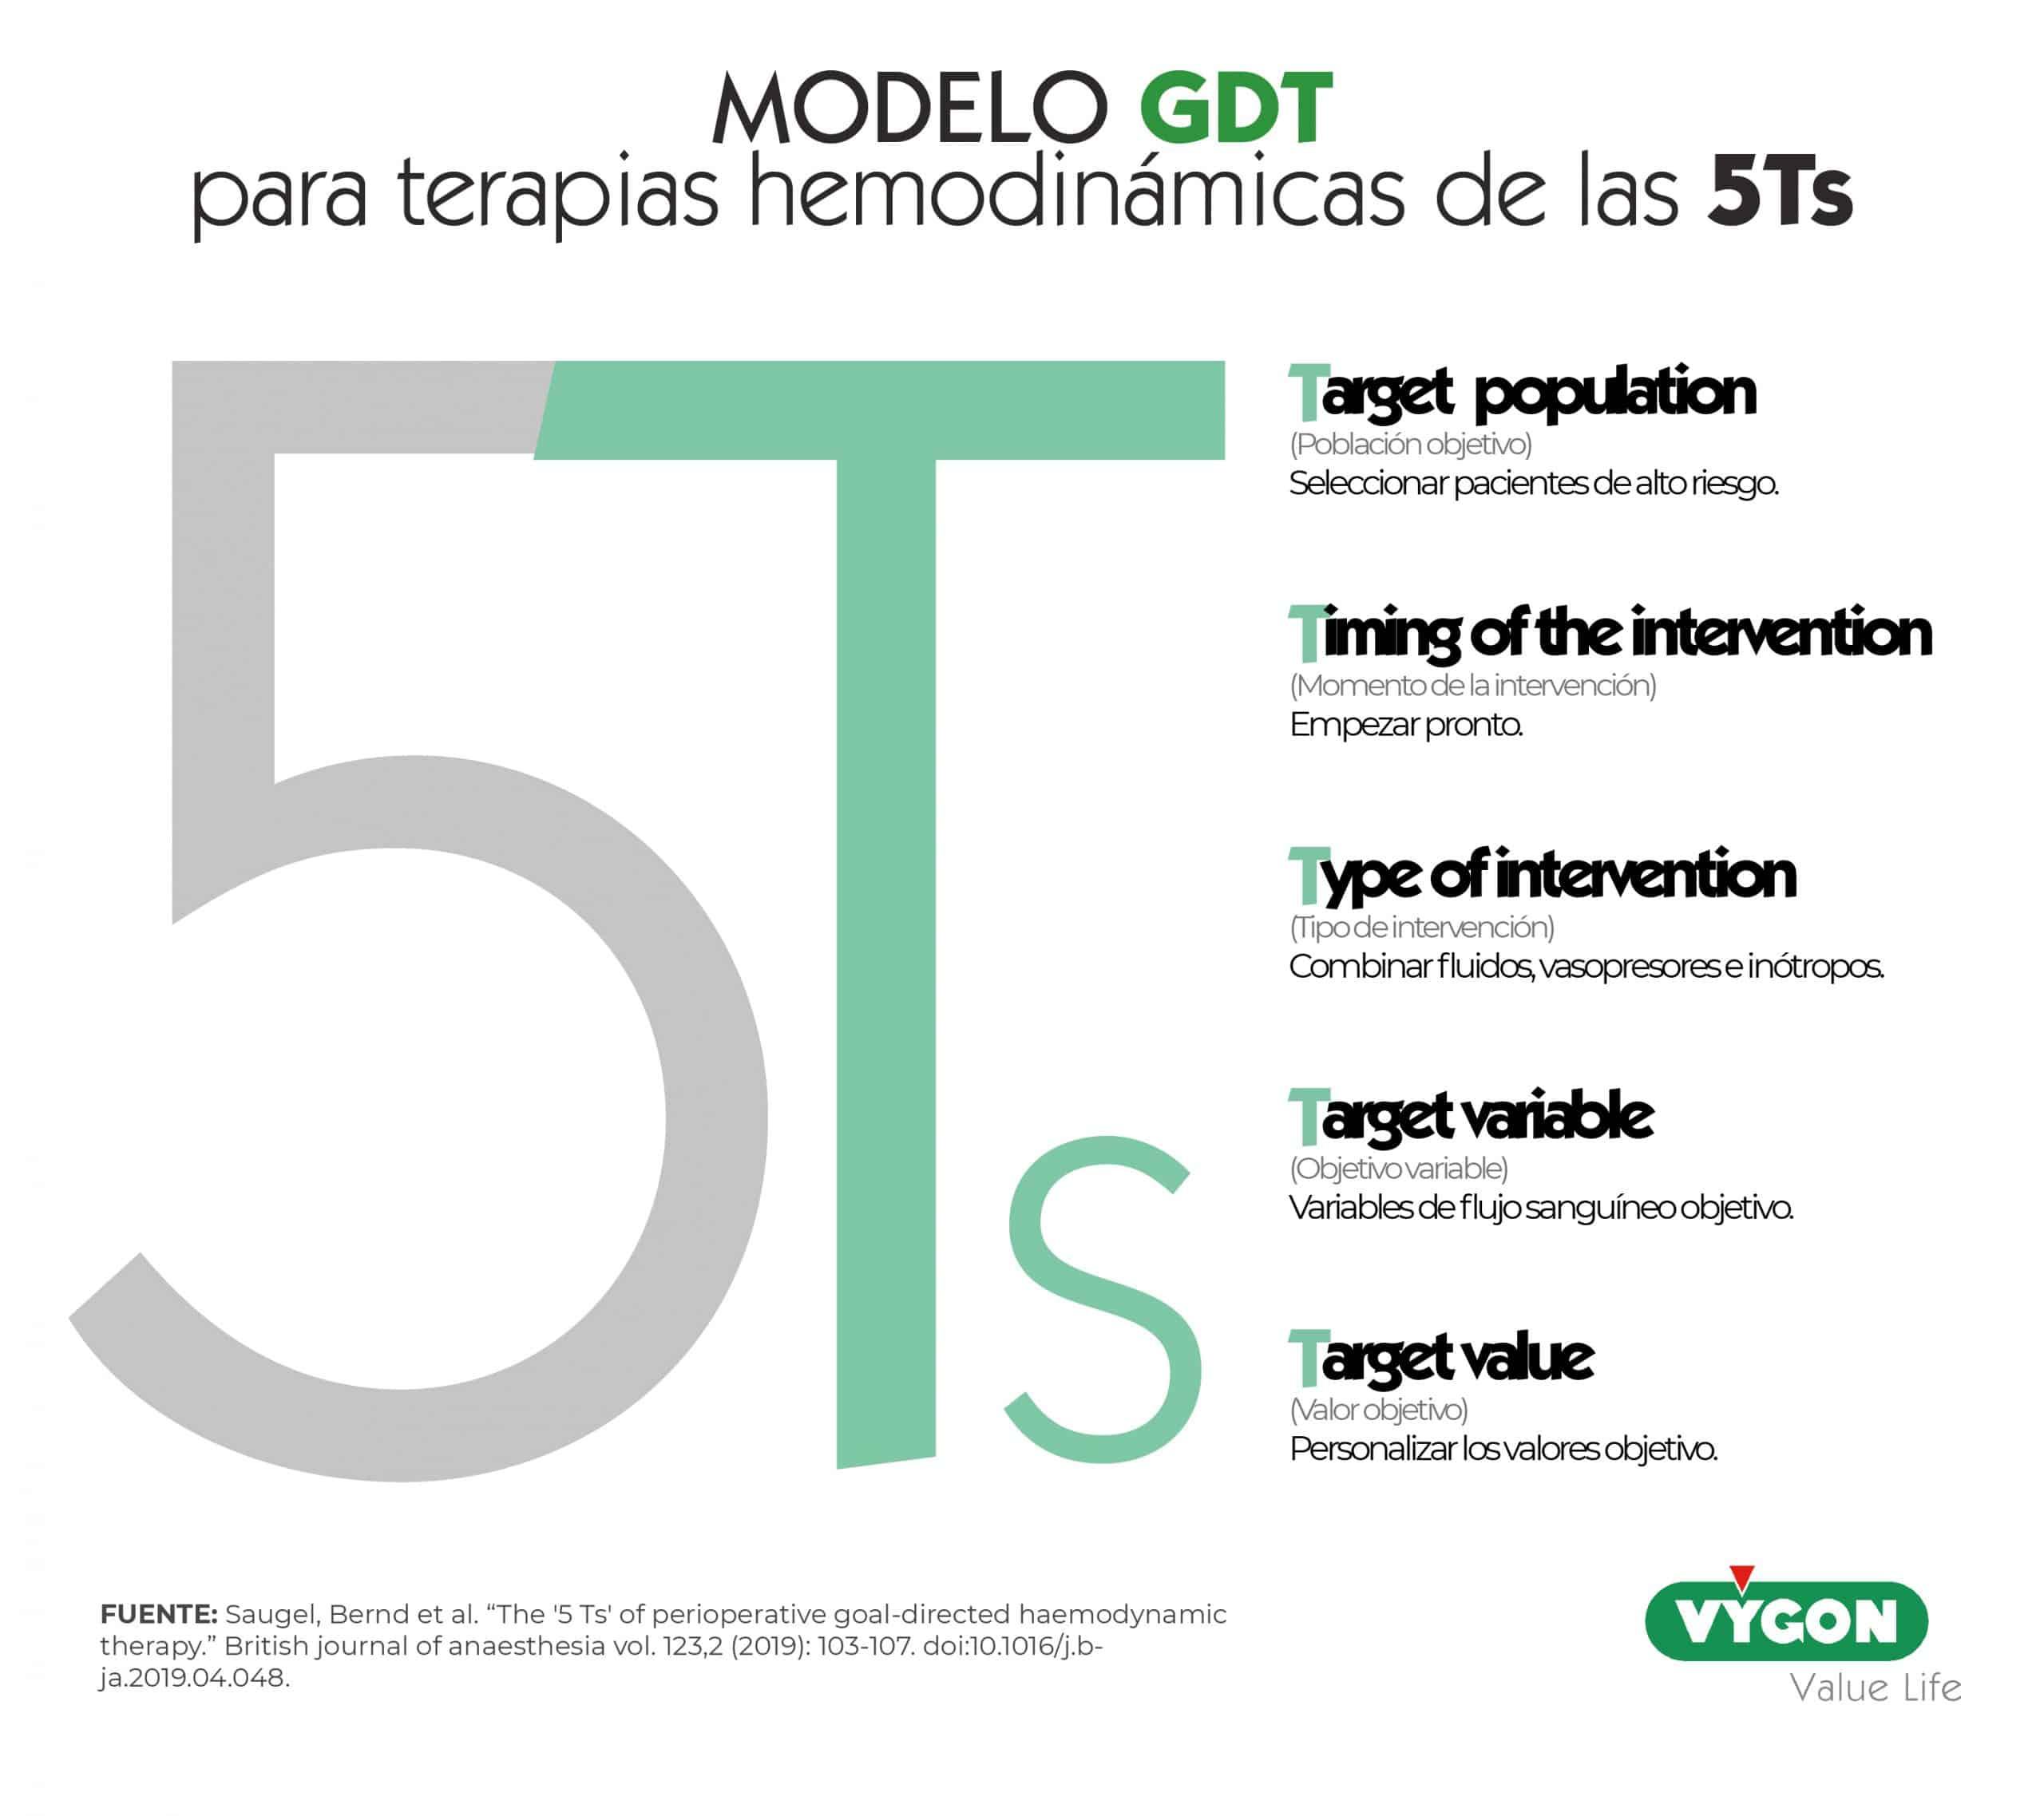 Figura 7: Modelo GDT para terapias hemodinámicas de las 5Ts.